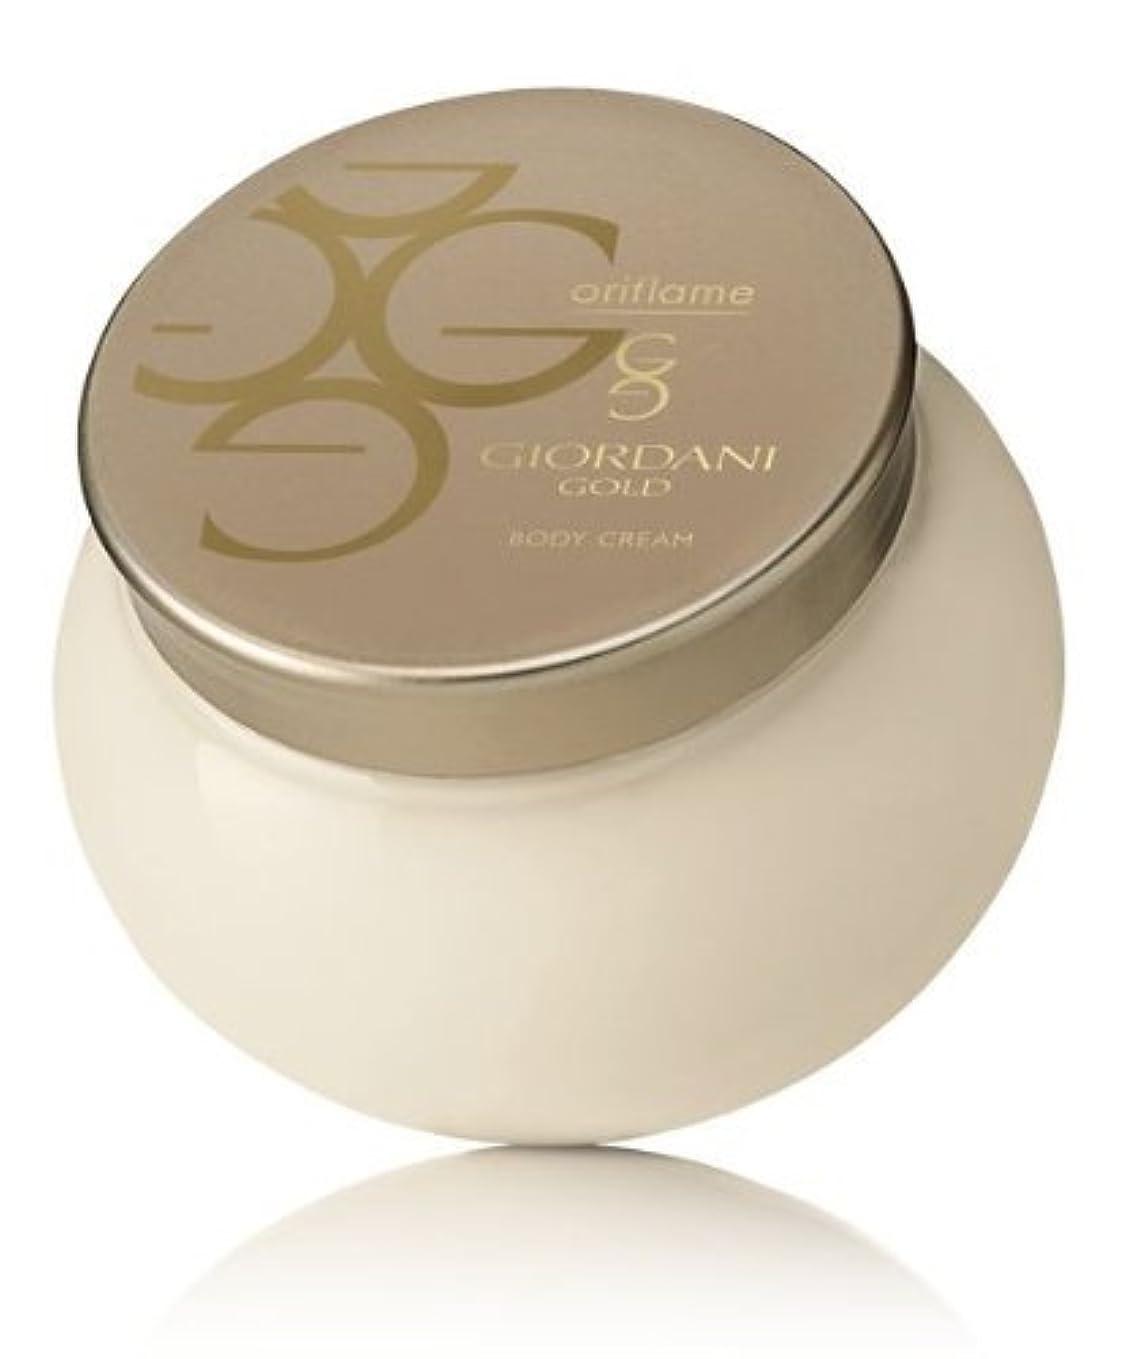 自分を引き上げる詳細に理想的Giordani Gold Body Cream by Oriflame